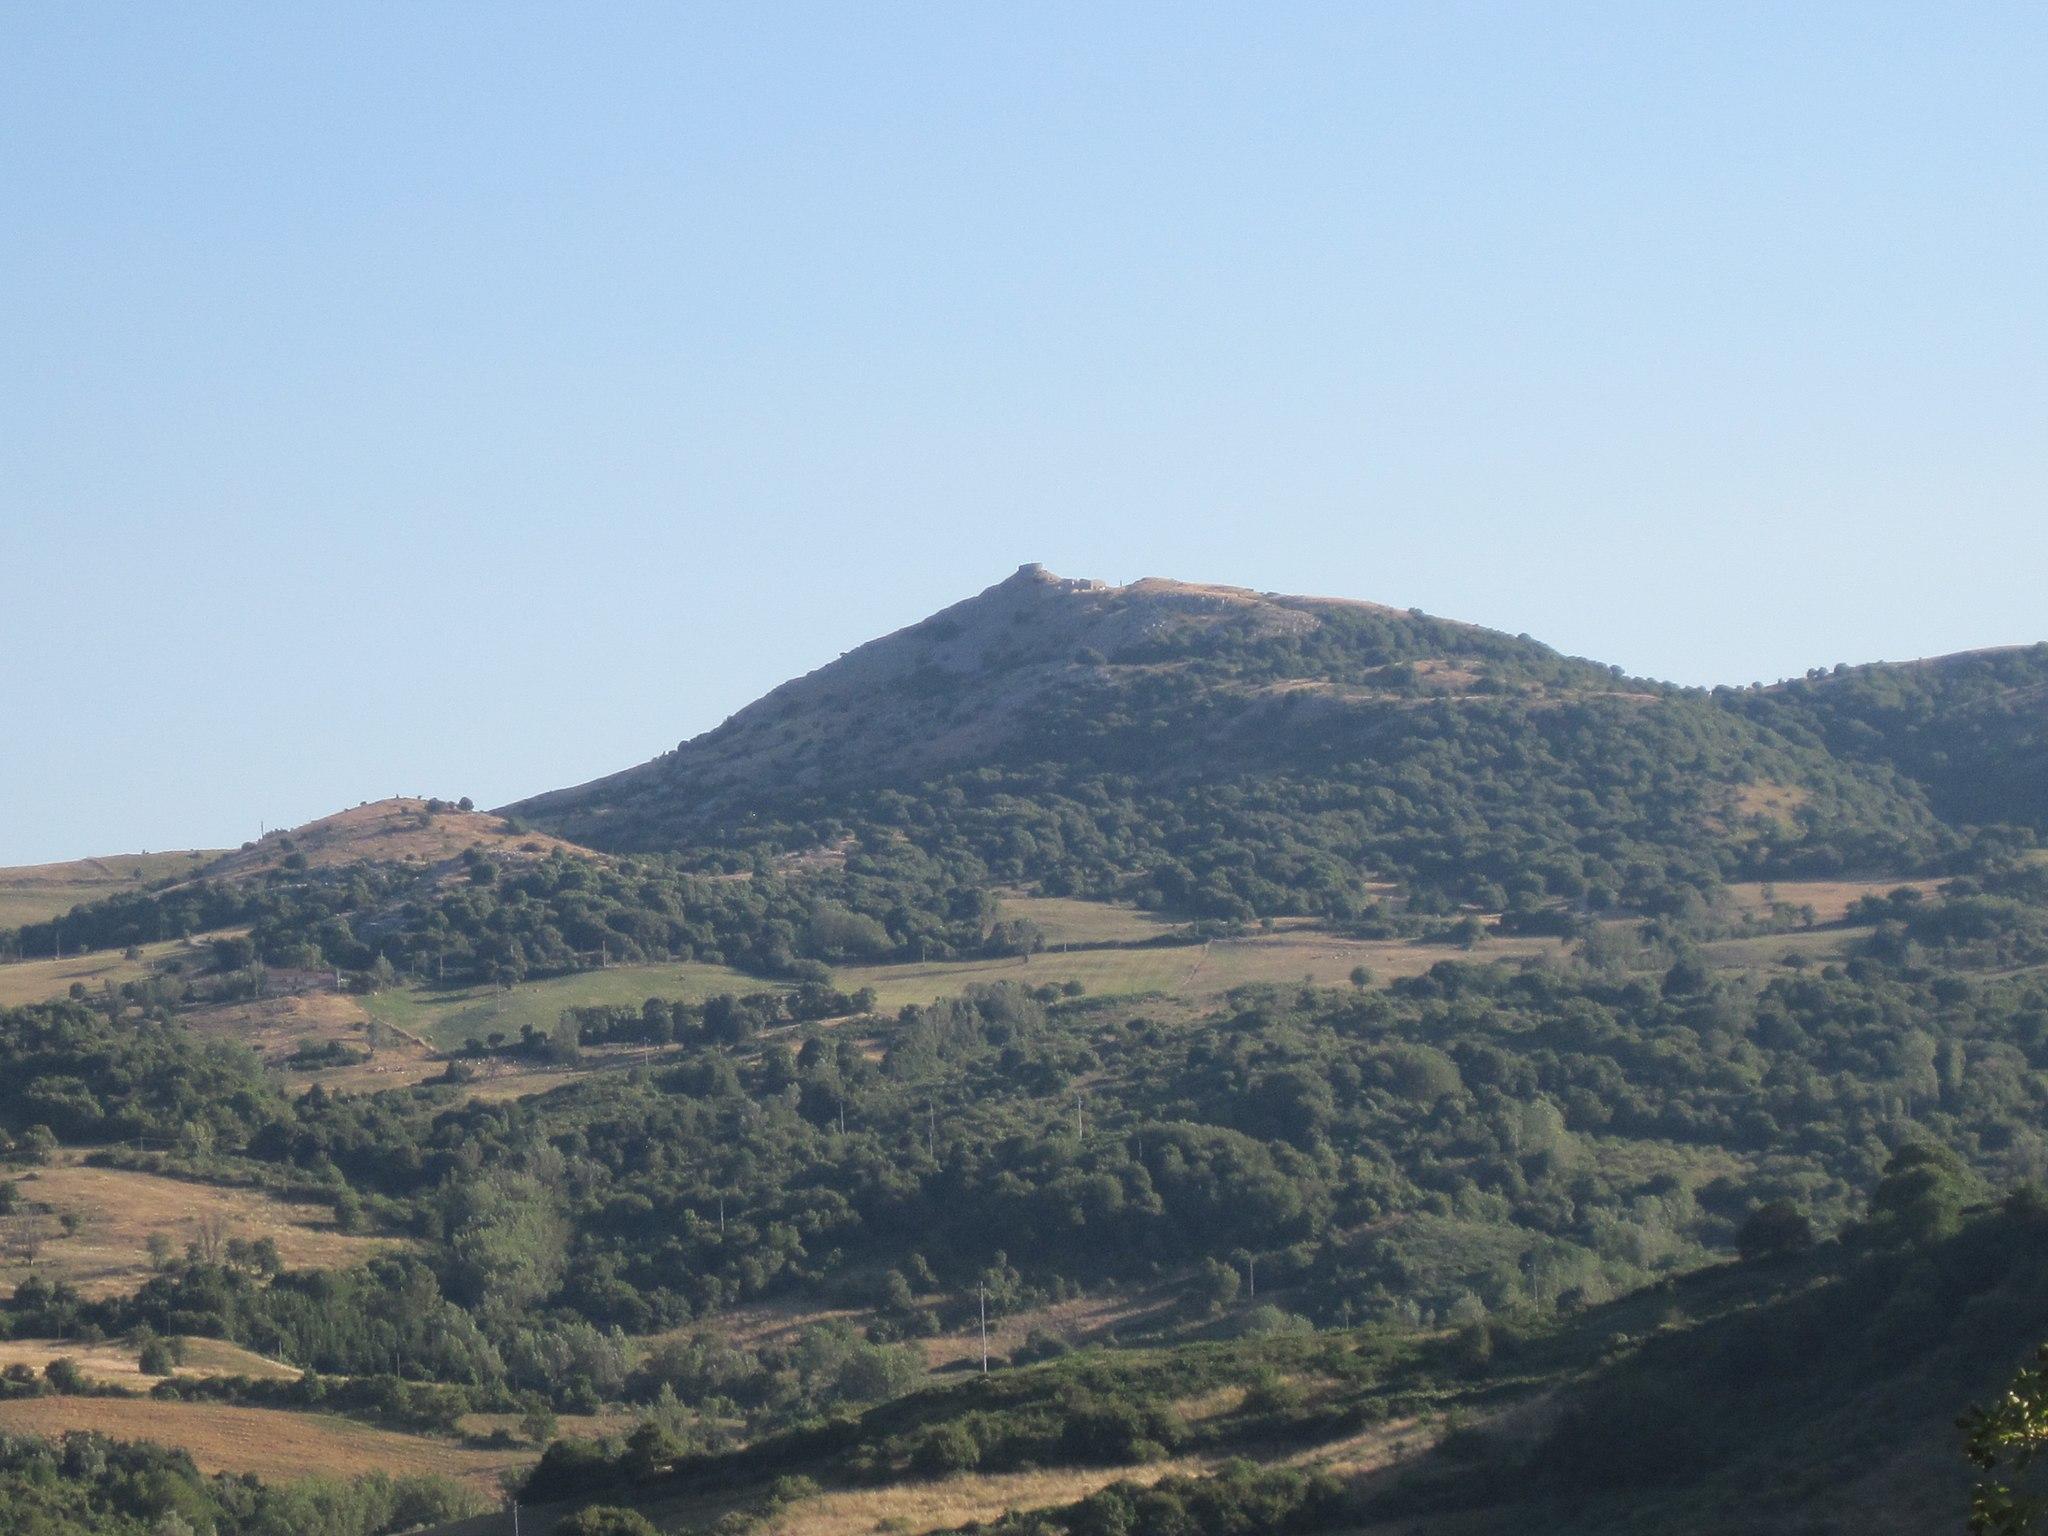 Monte Labbro